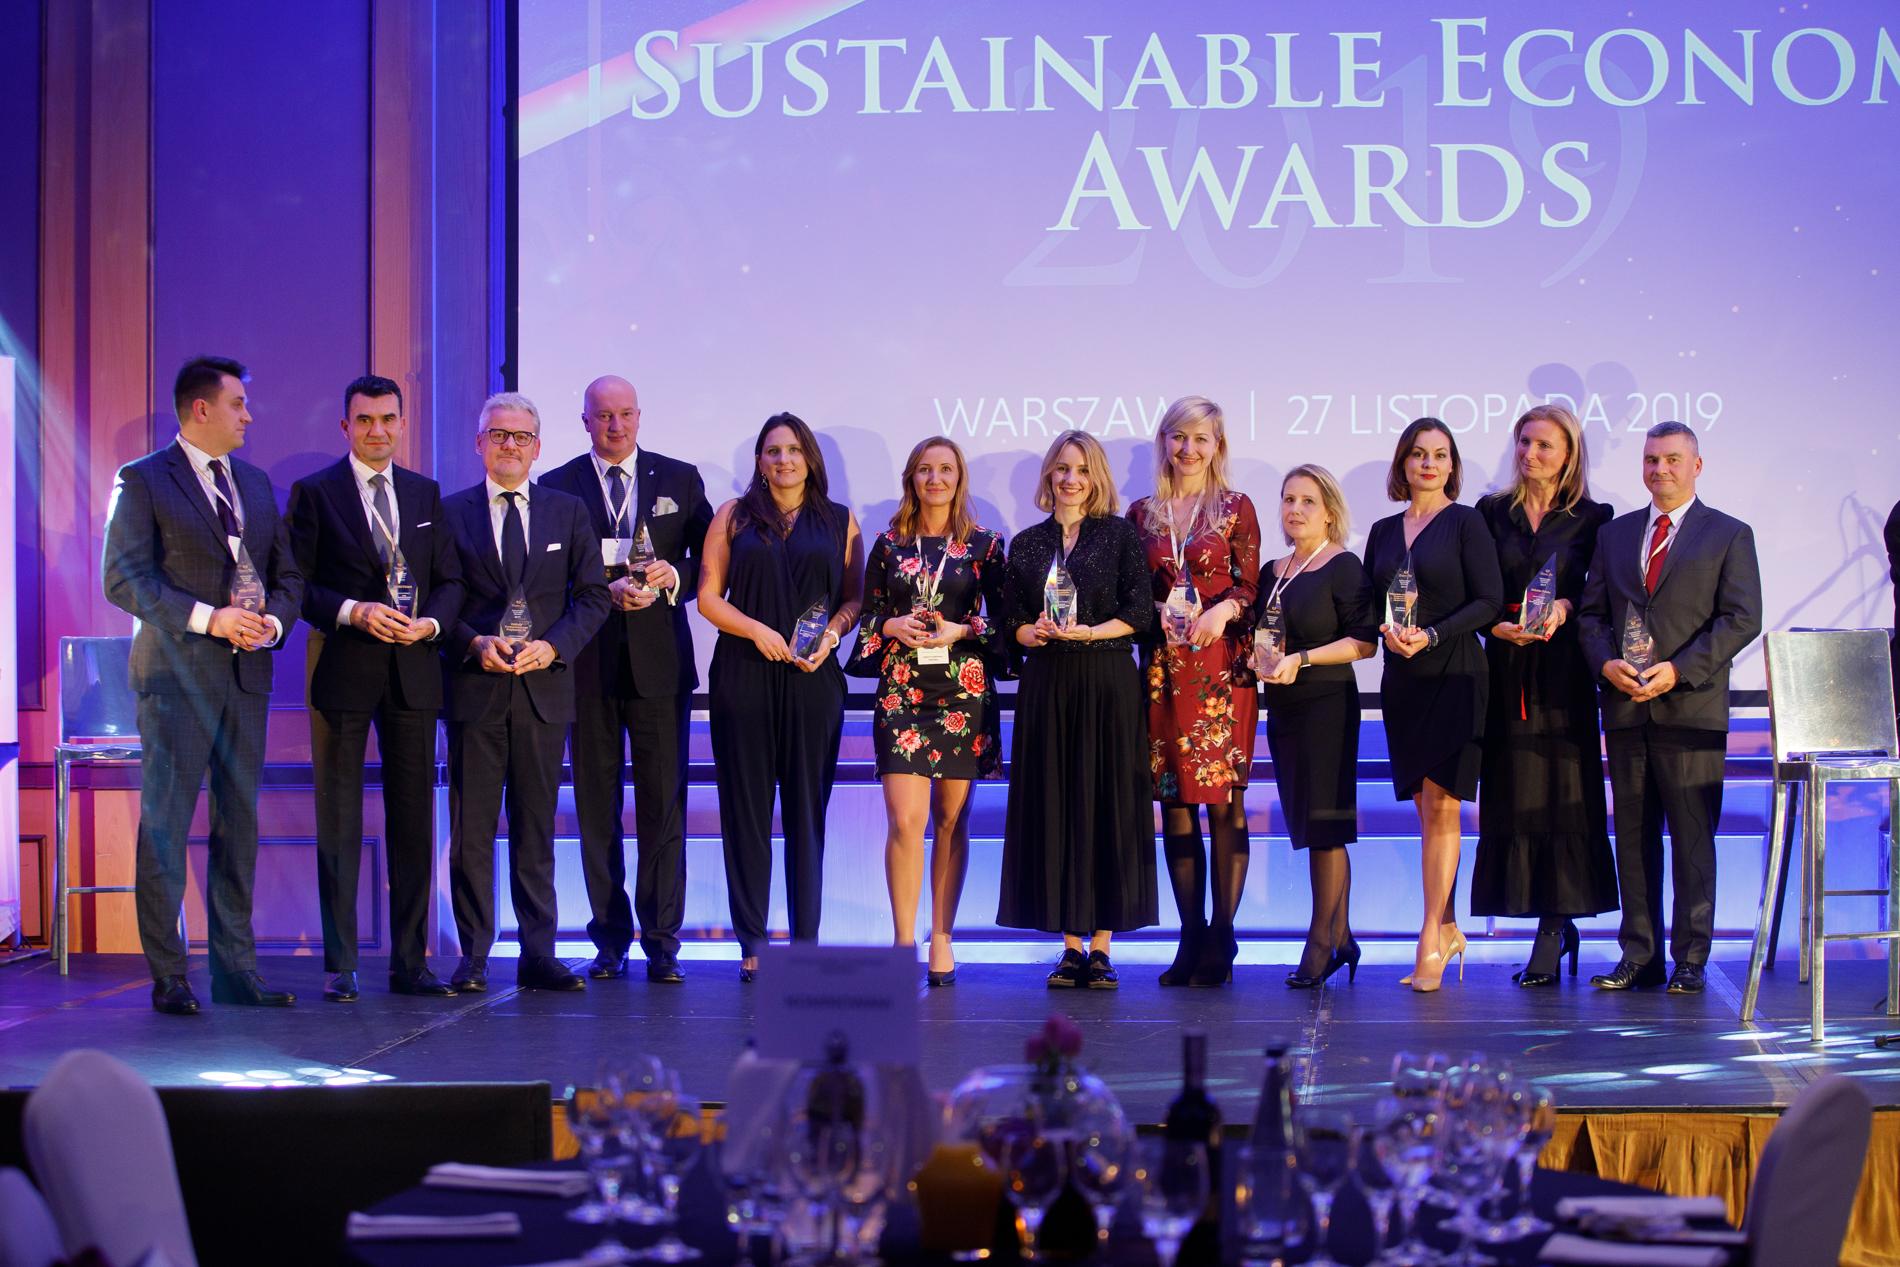 Zrównoważony i odpowiedzialny biznes w praktyce. Relacja z Sustainable Economy Summit